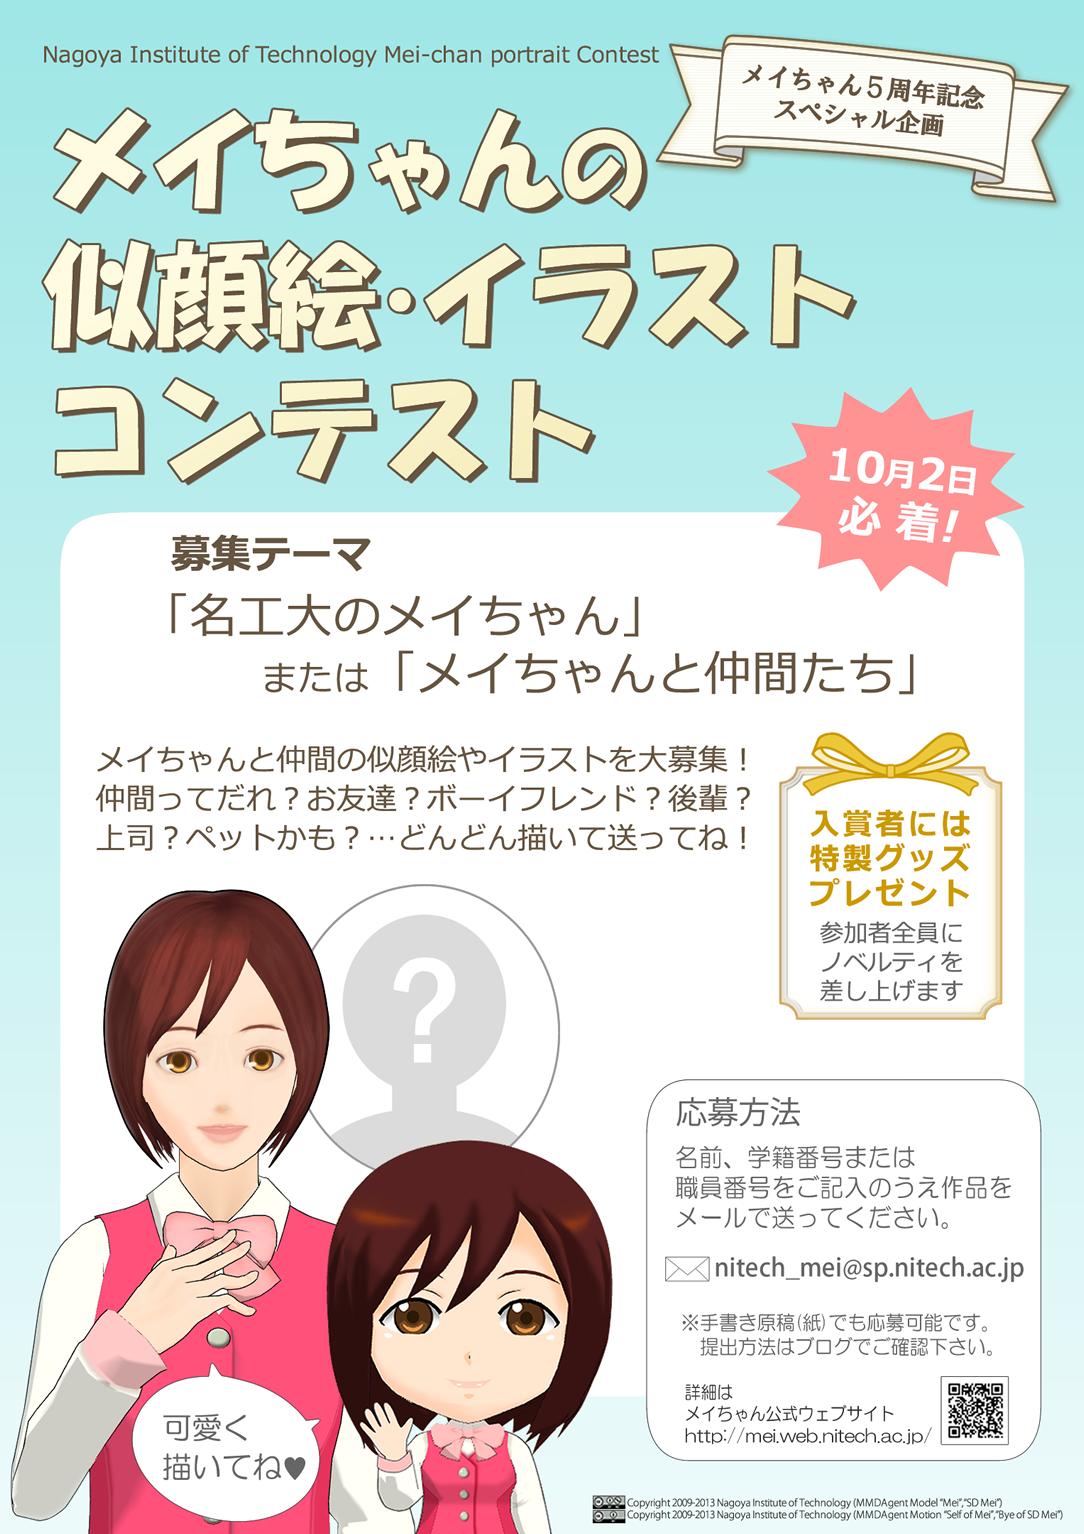 5周年記念「メイちゃん似顔絵・イラストコンテスト」